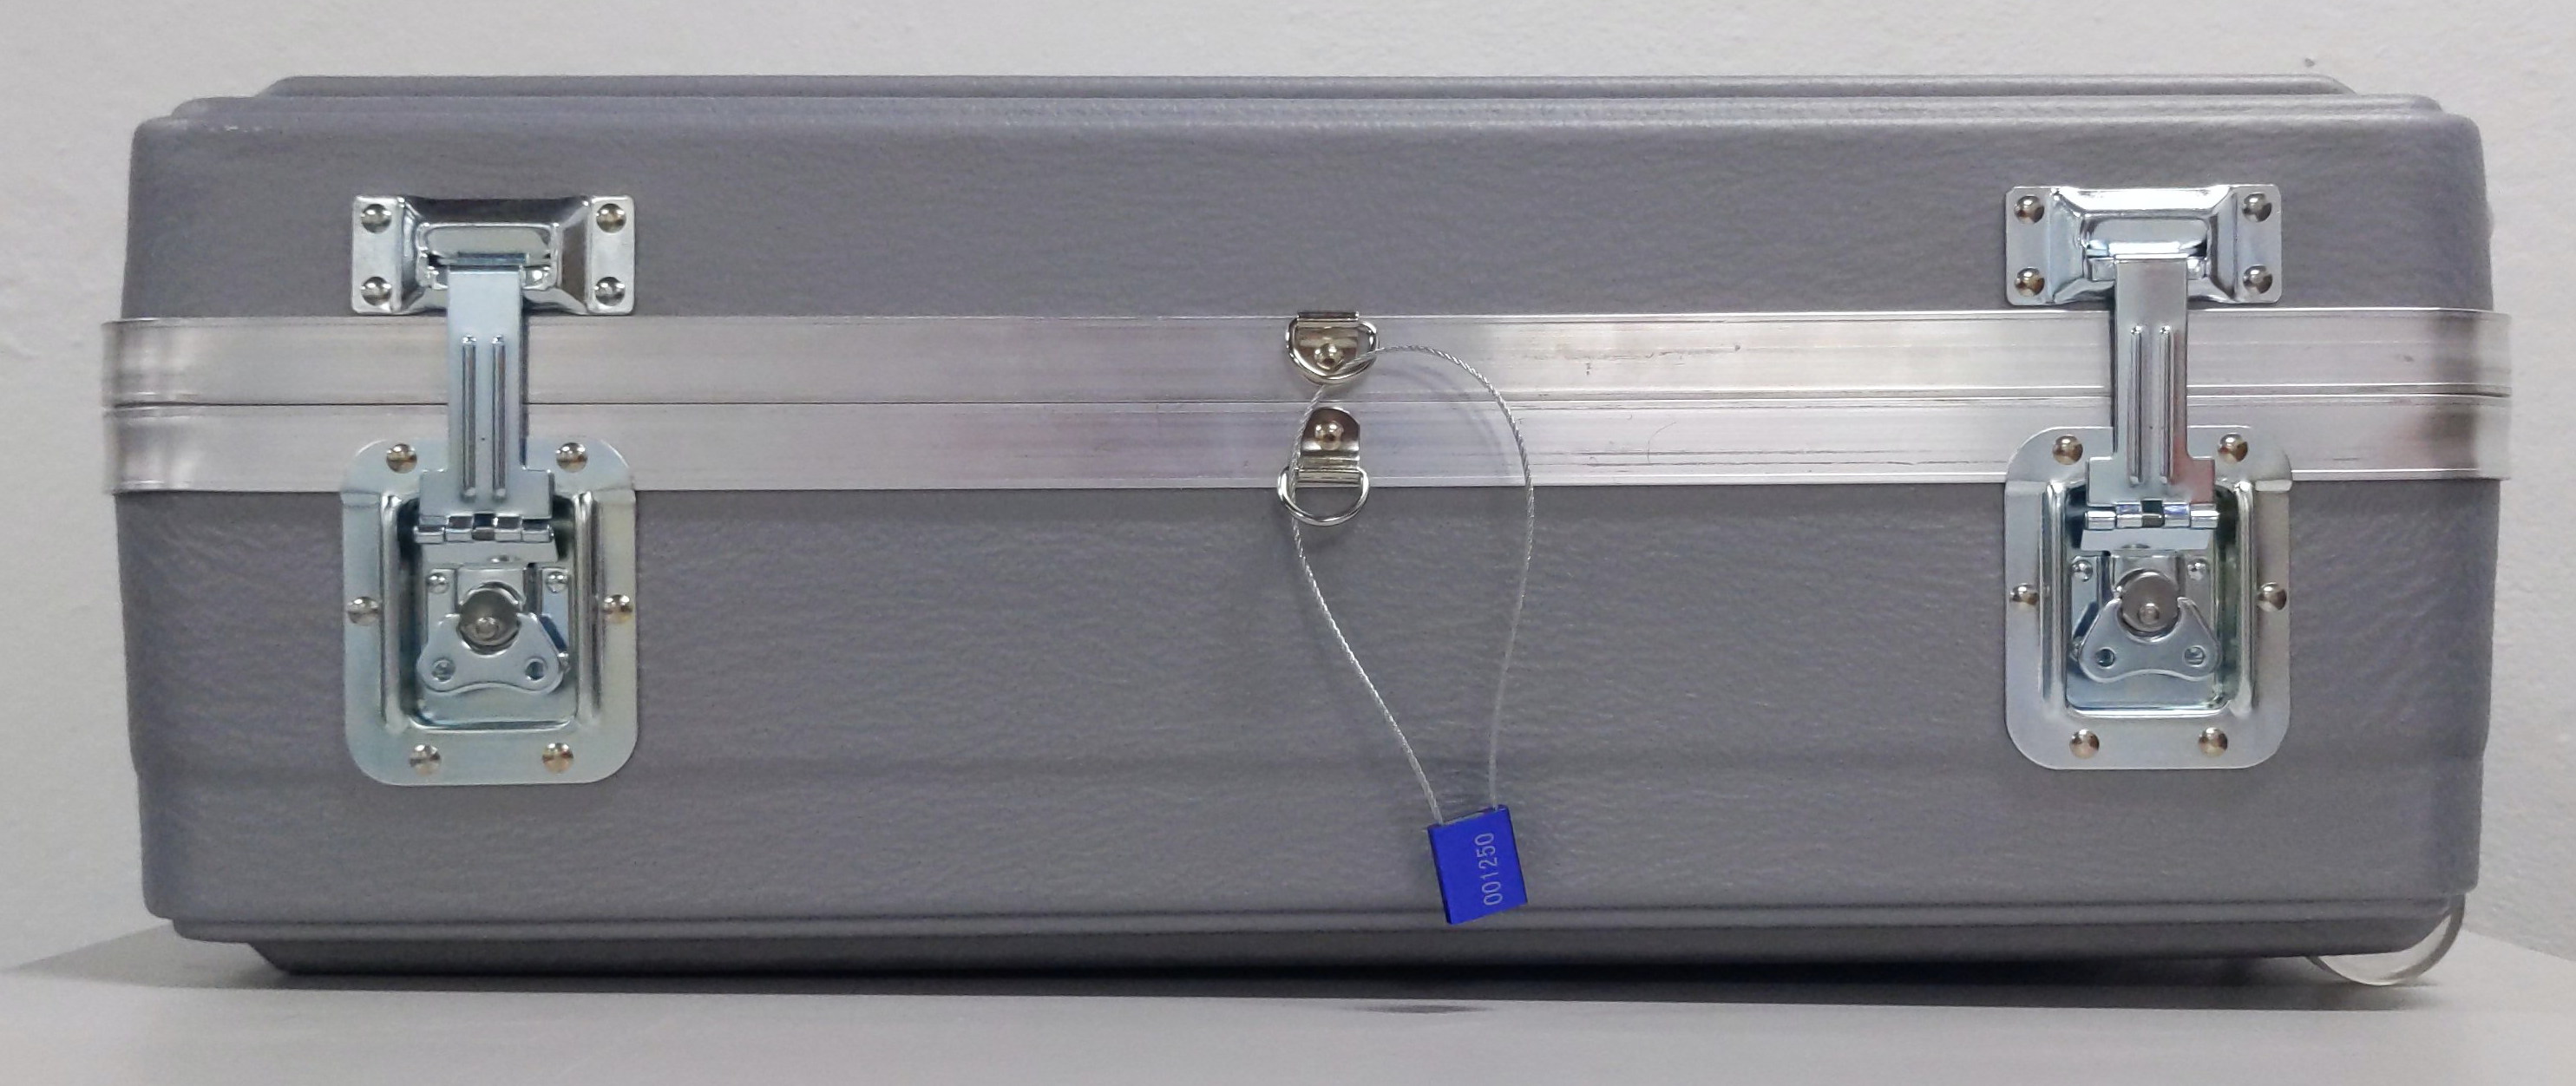 将线的末端插入锁中